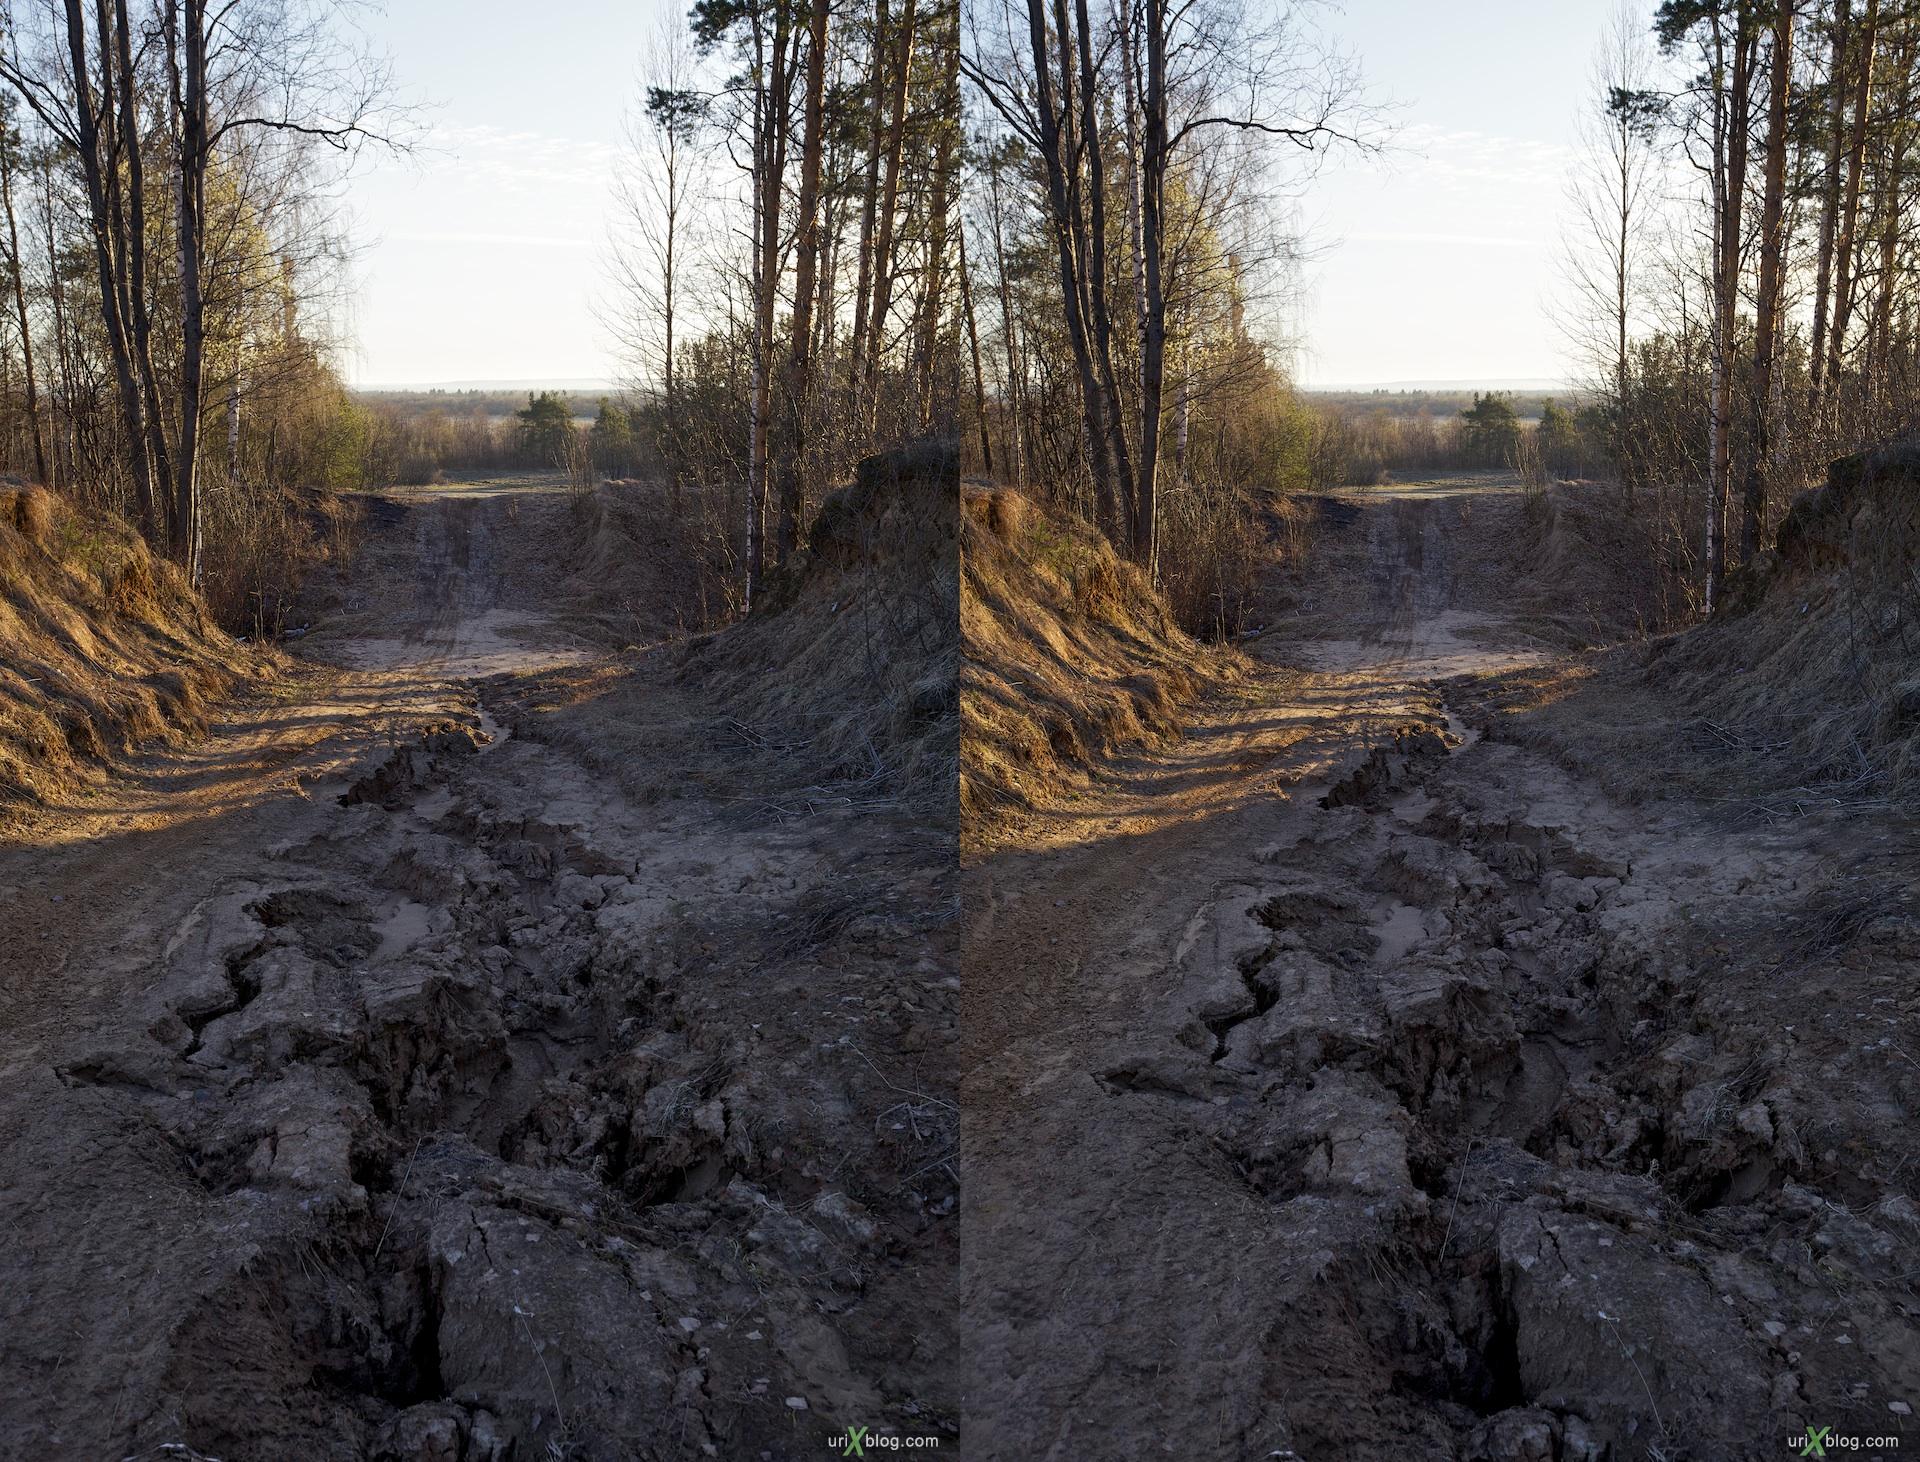 2010 3D, stereo, cross-eyed, стерео, стереопара около Вельска, Архангельская область лес поле